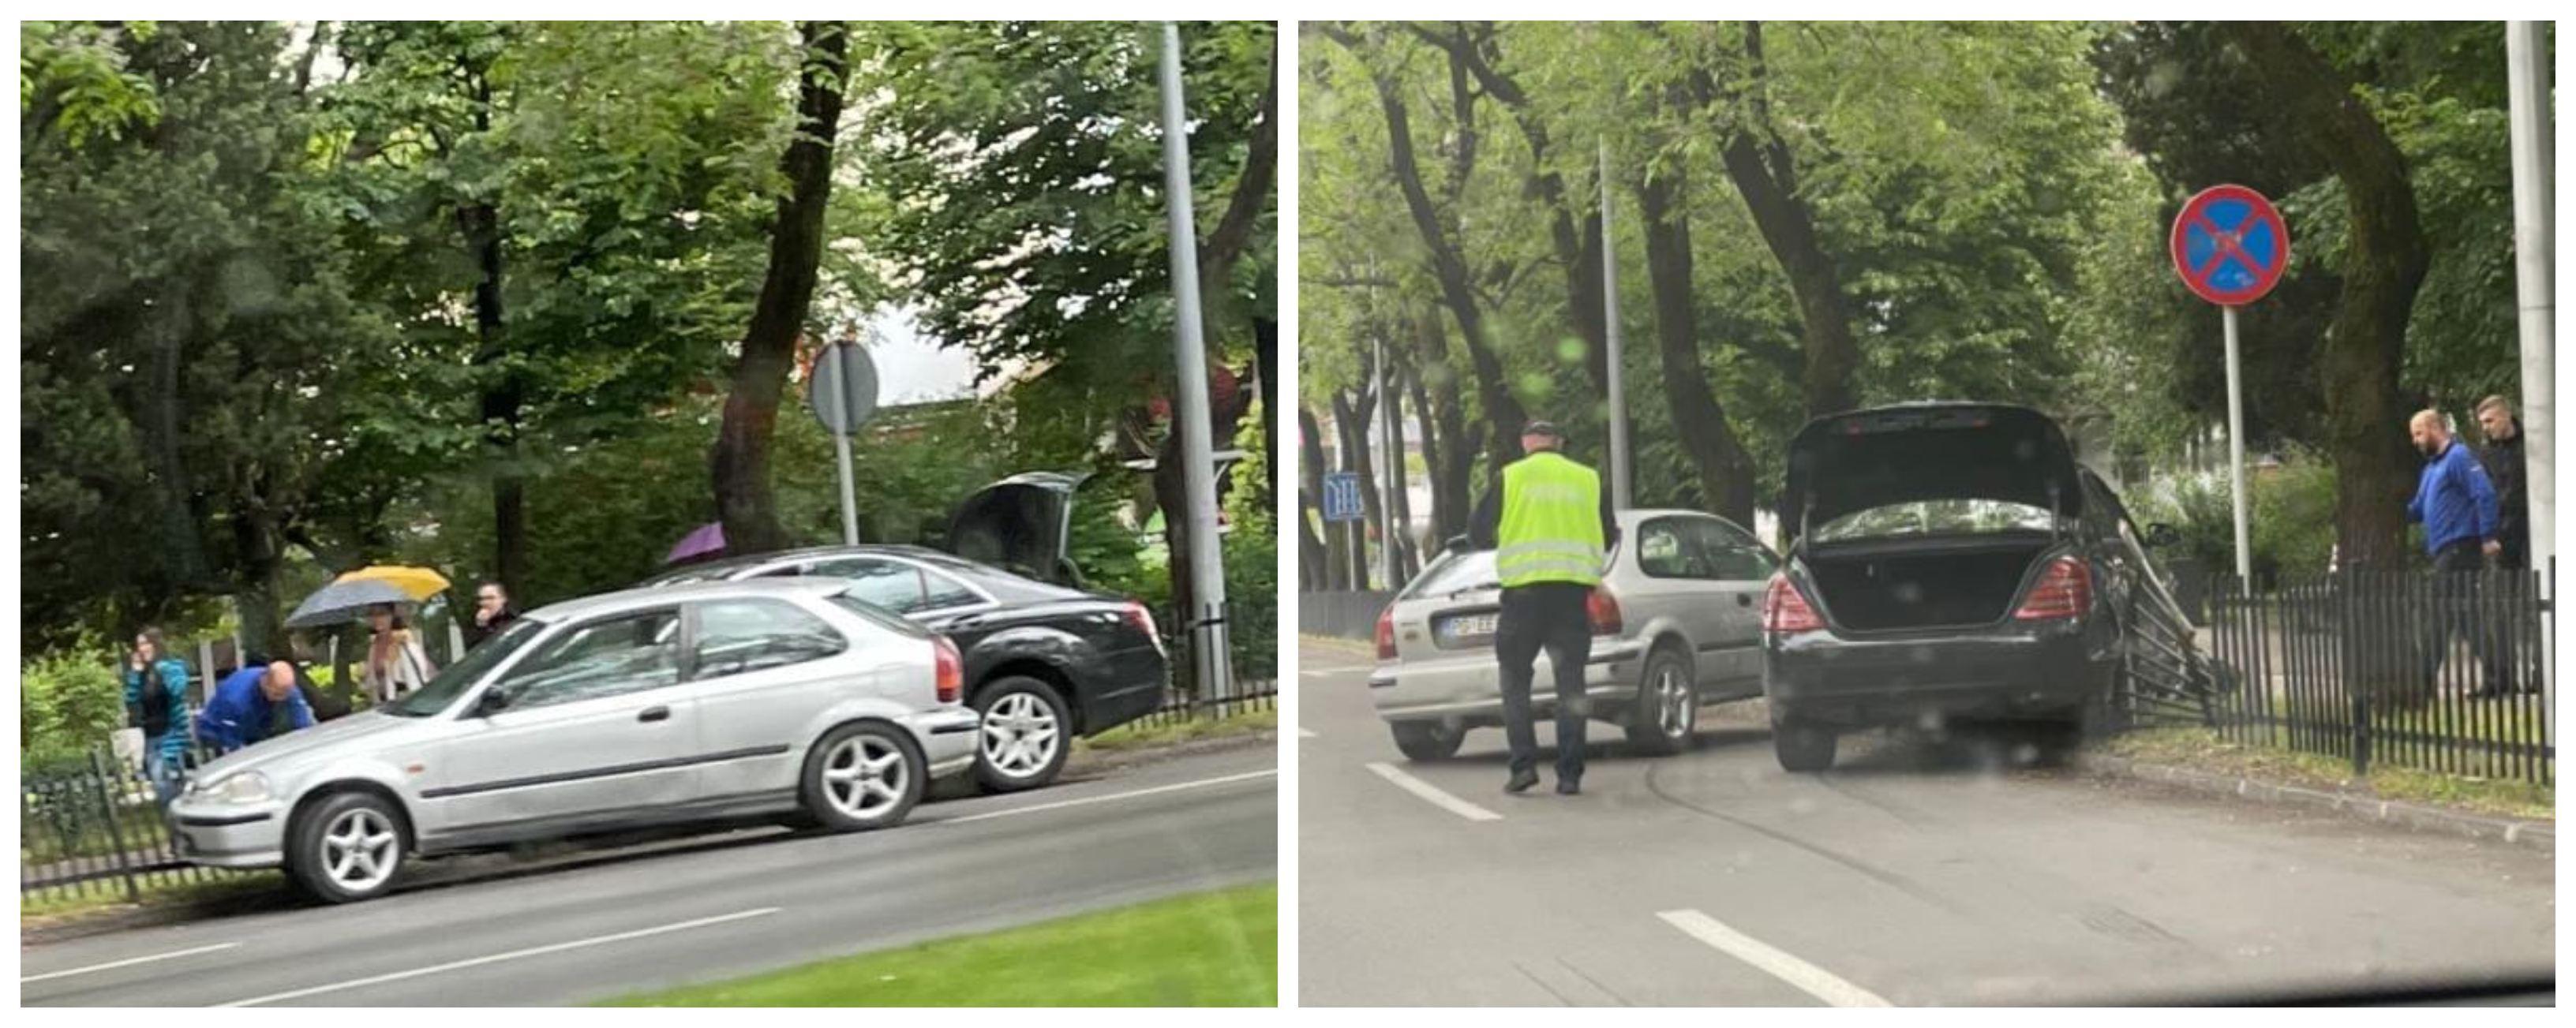 Opet: Službenim vozilom pravo u zaštitnu ogradu, nedjeljom, pa brzinski mijenjali tablice?